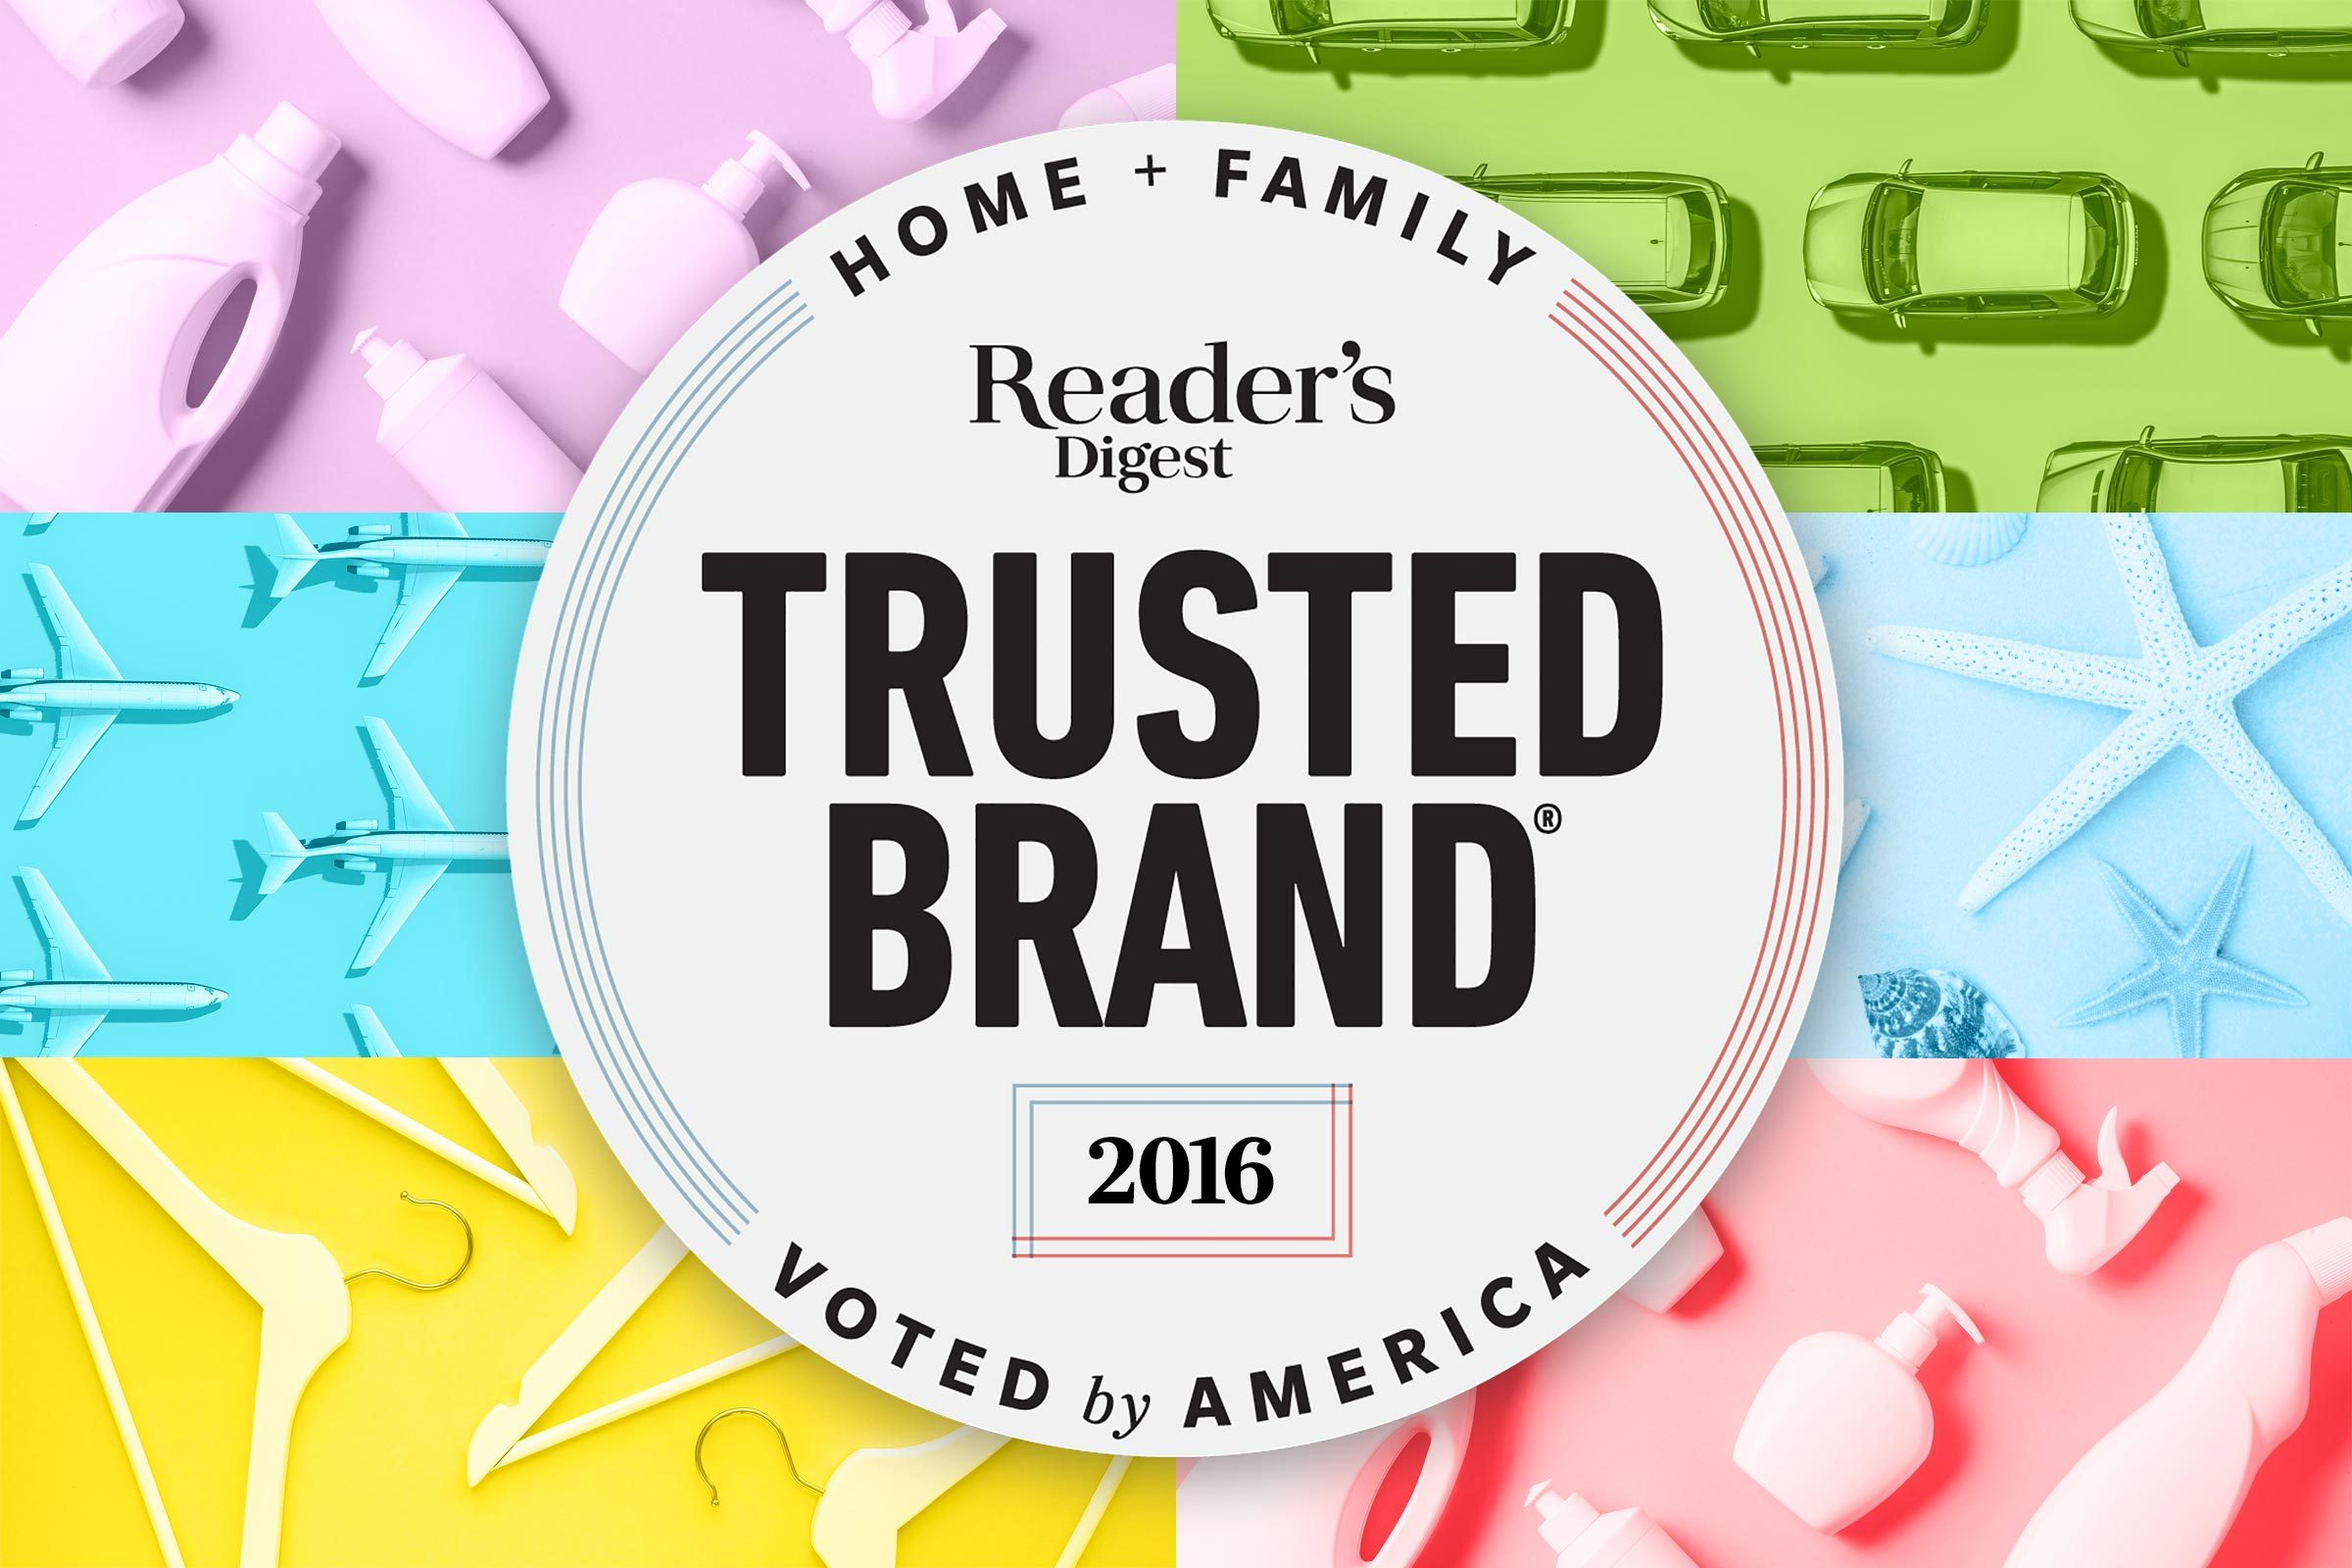 Reader's Digest Trusted Brands 2016